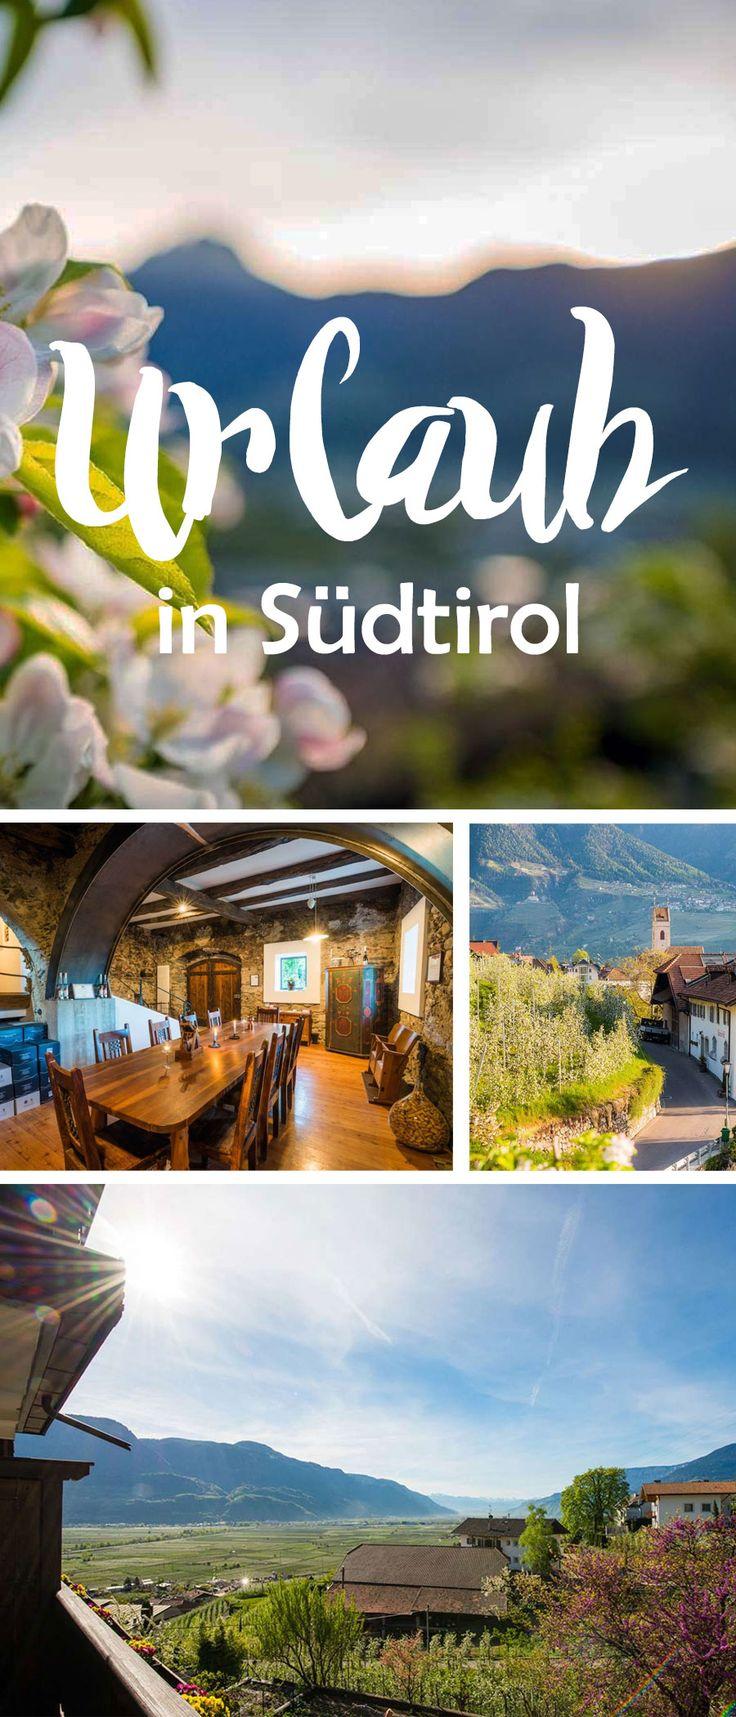 Historischer Bauernhof aus dem 13. Jahrhundert!  #Südtirol #Italien #Italy #Travel #Inspiration #Wandern #Berge #Familie #Urlaub #Kinder #Reisen